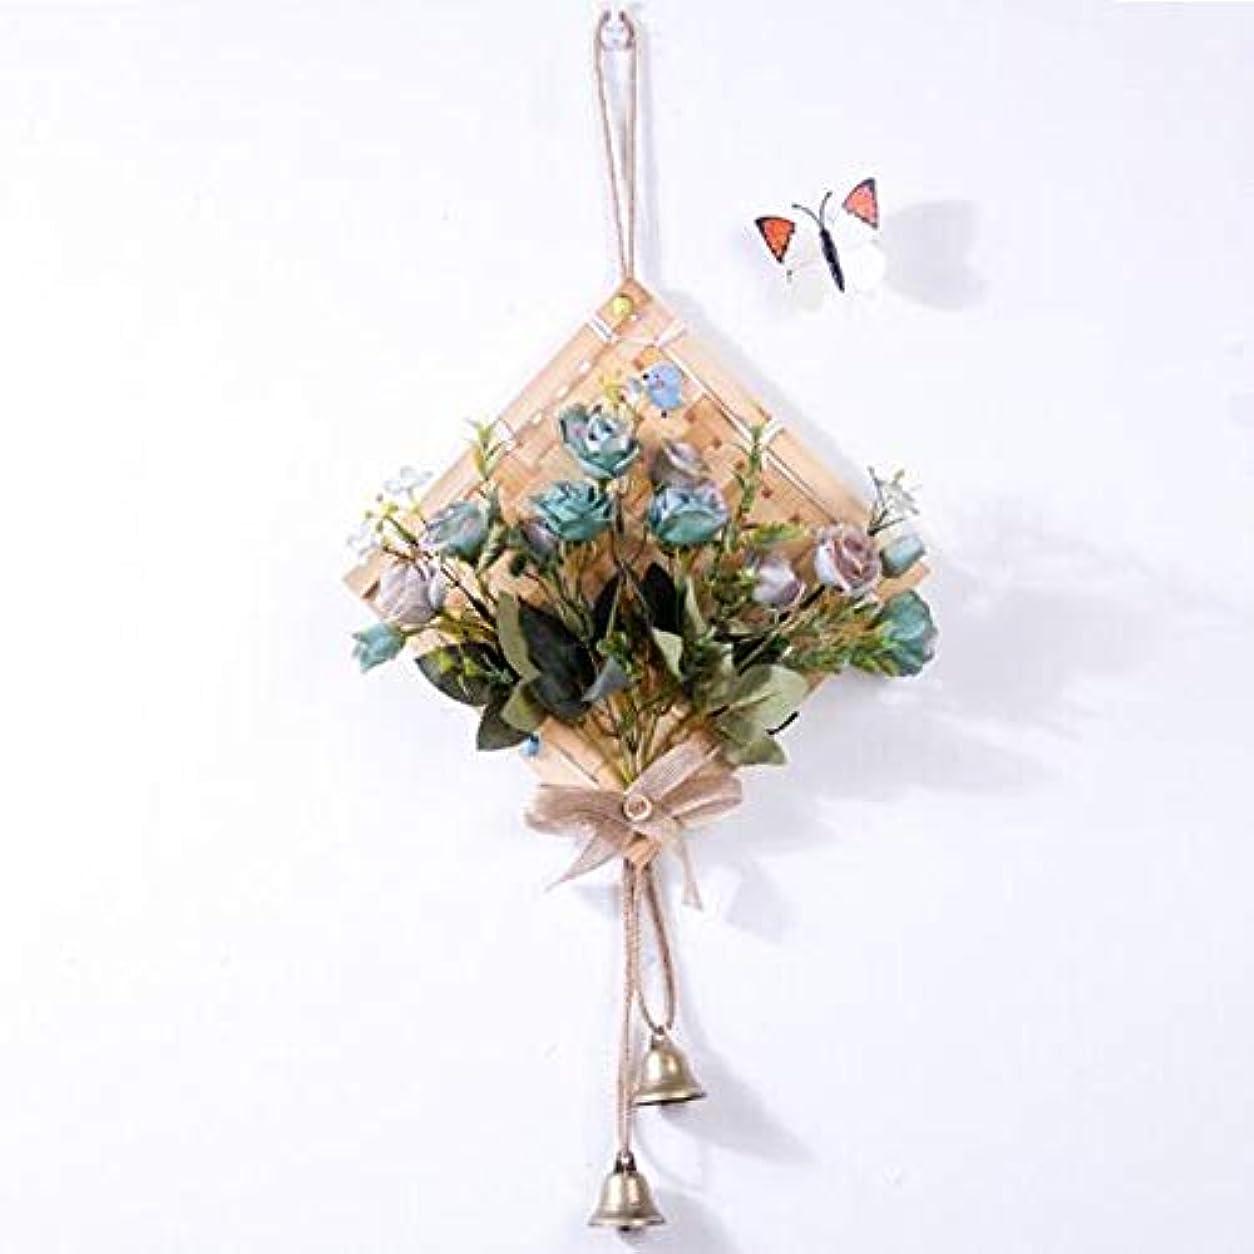 バタフライと遊ぶ殺しますGaoxingbianlidian001 風チャイム、クリエイティブ?竹風チャイム、白、幅28.5cmくらい,楽しいホリデーギフト (Color : Blue)